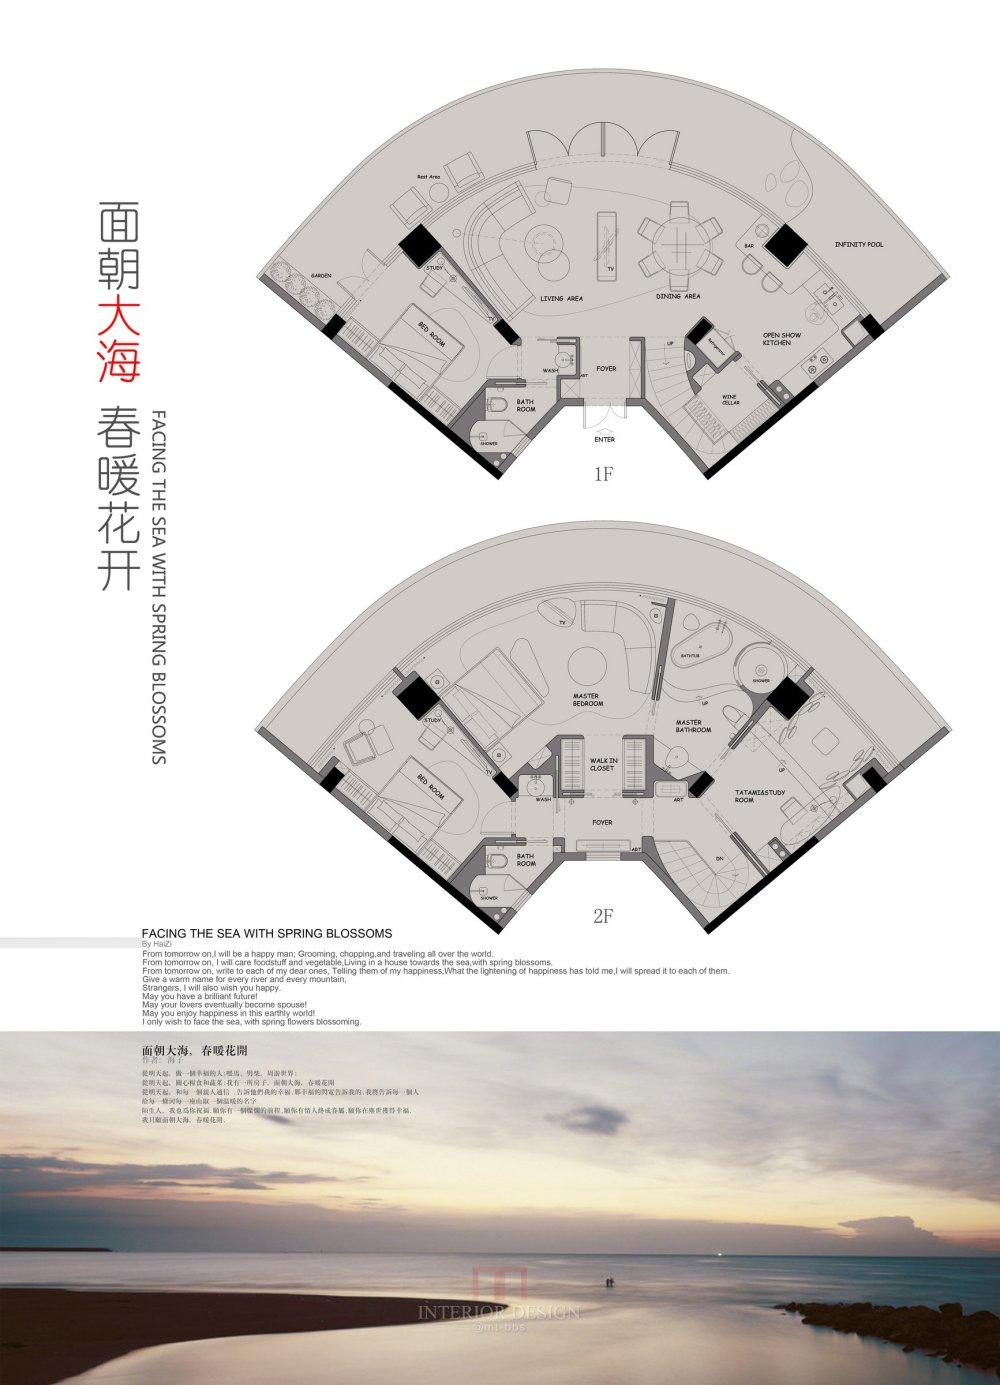 【第14期-住宅平面优化】一个跃层海景房11个方案 投票奖励DB_07a.jpg